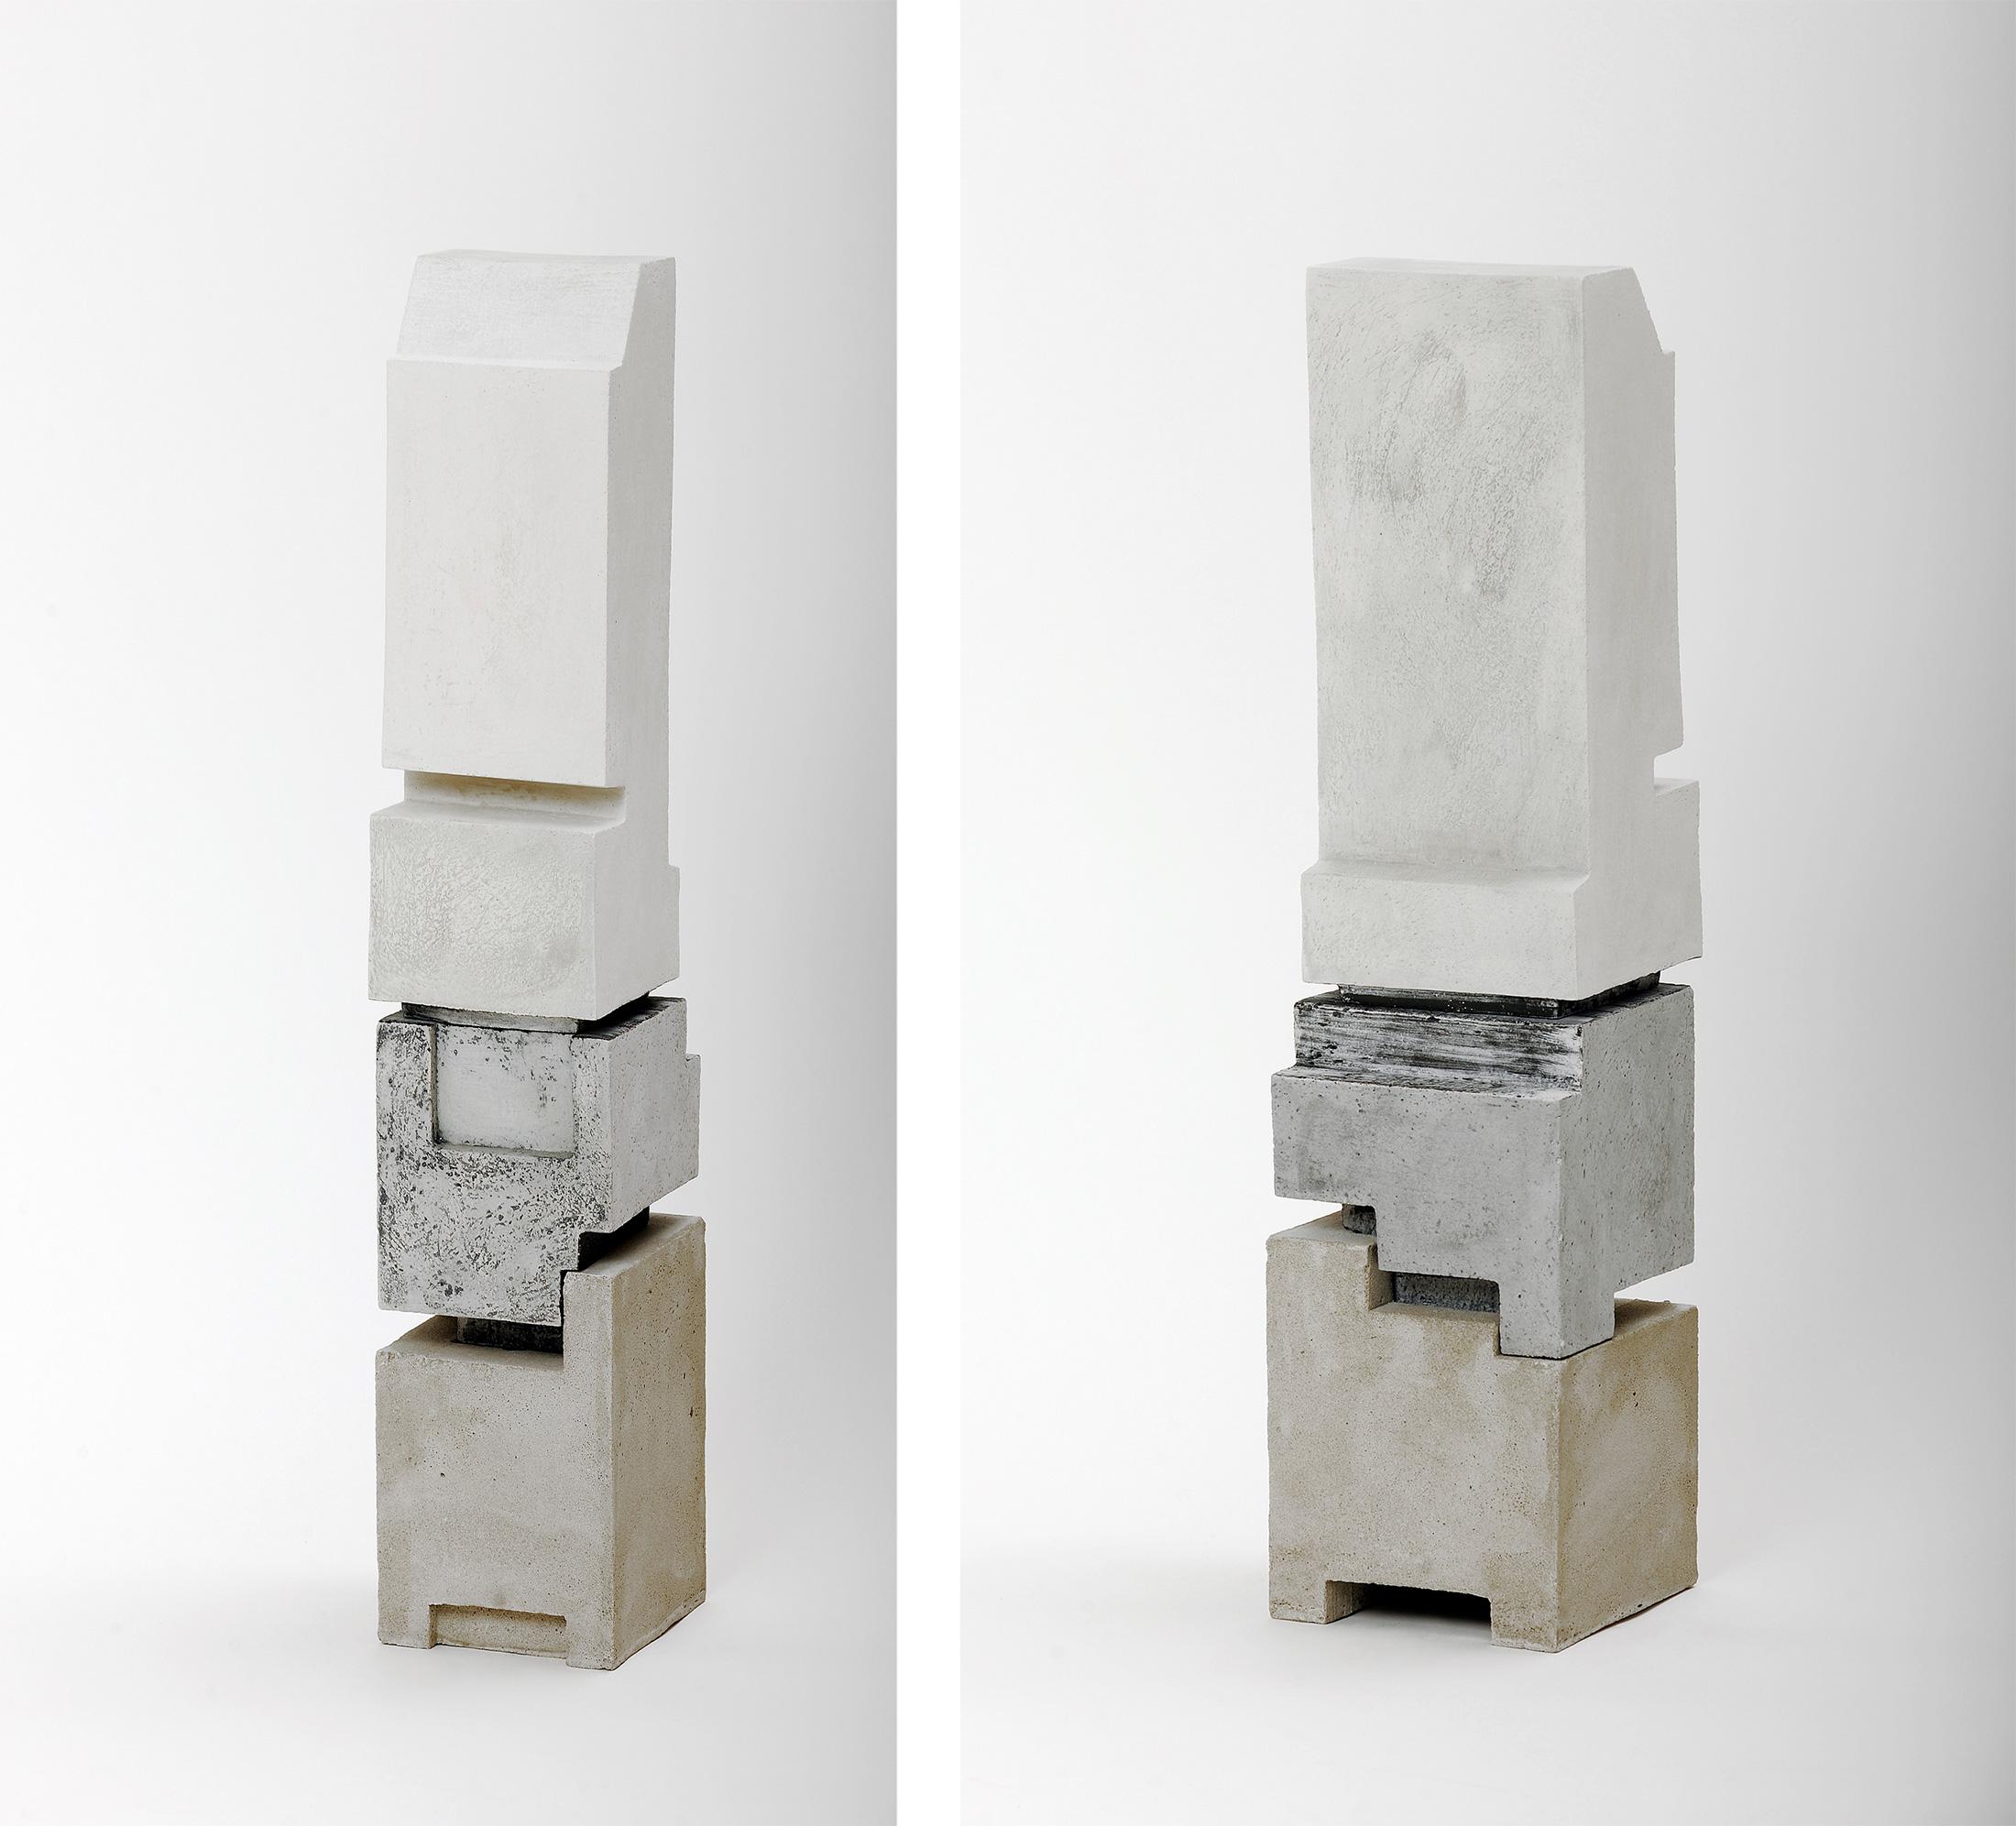 Silo 4 | 2012 | Steinzeug,Beton | 63 x 14 x 14 cm